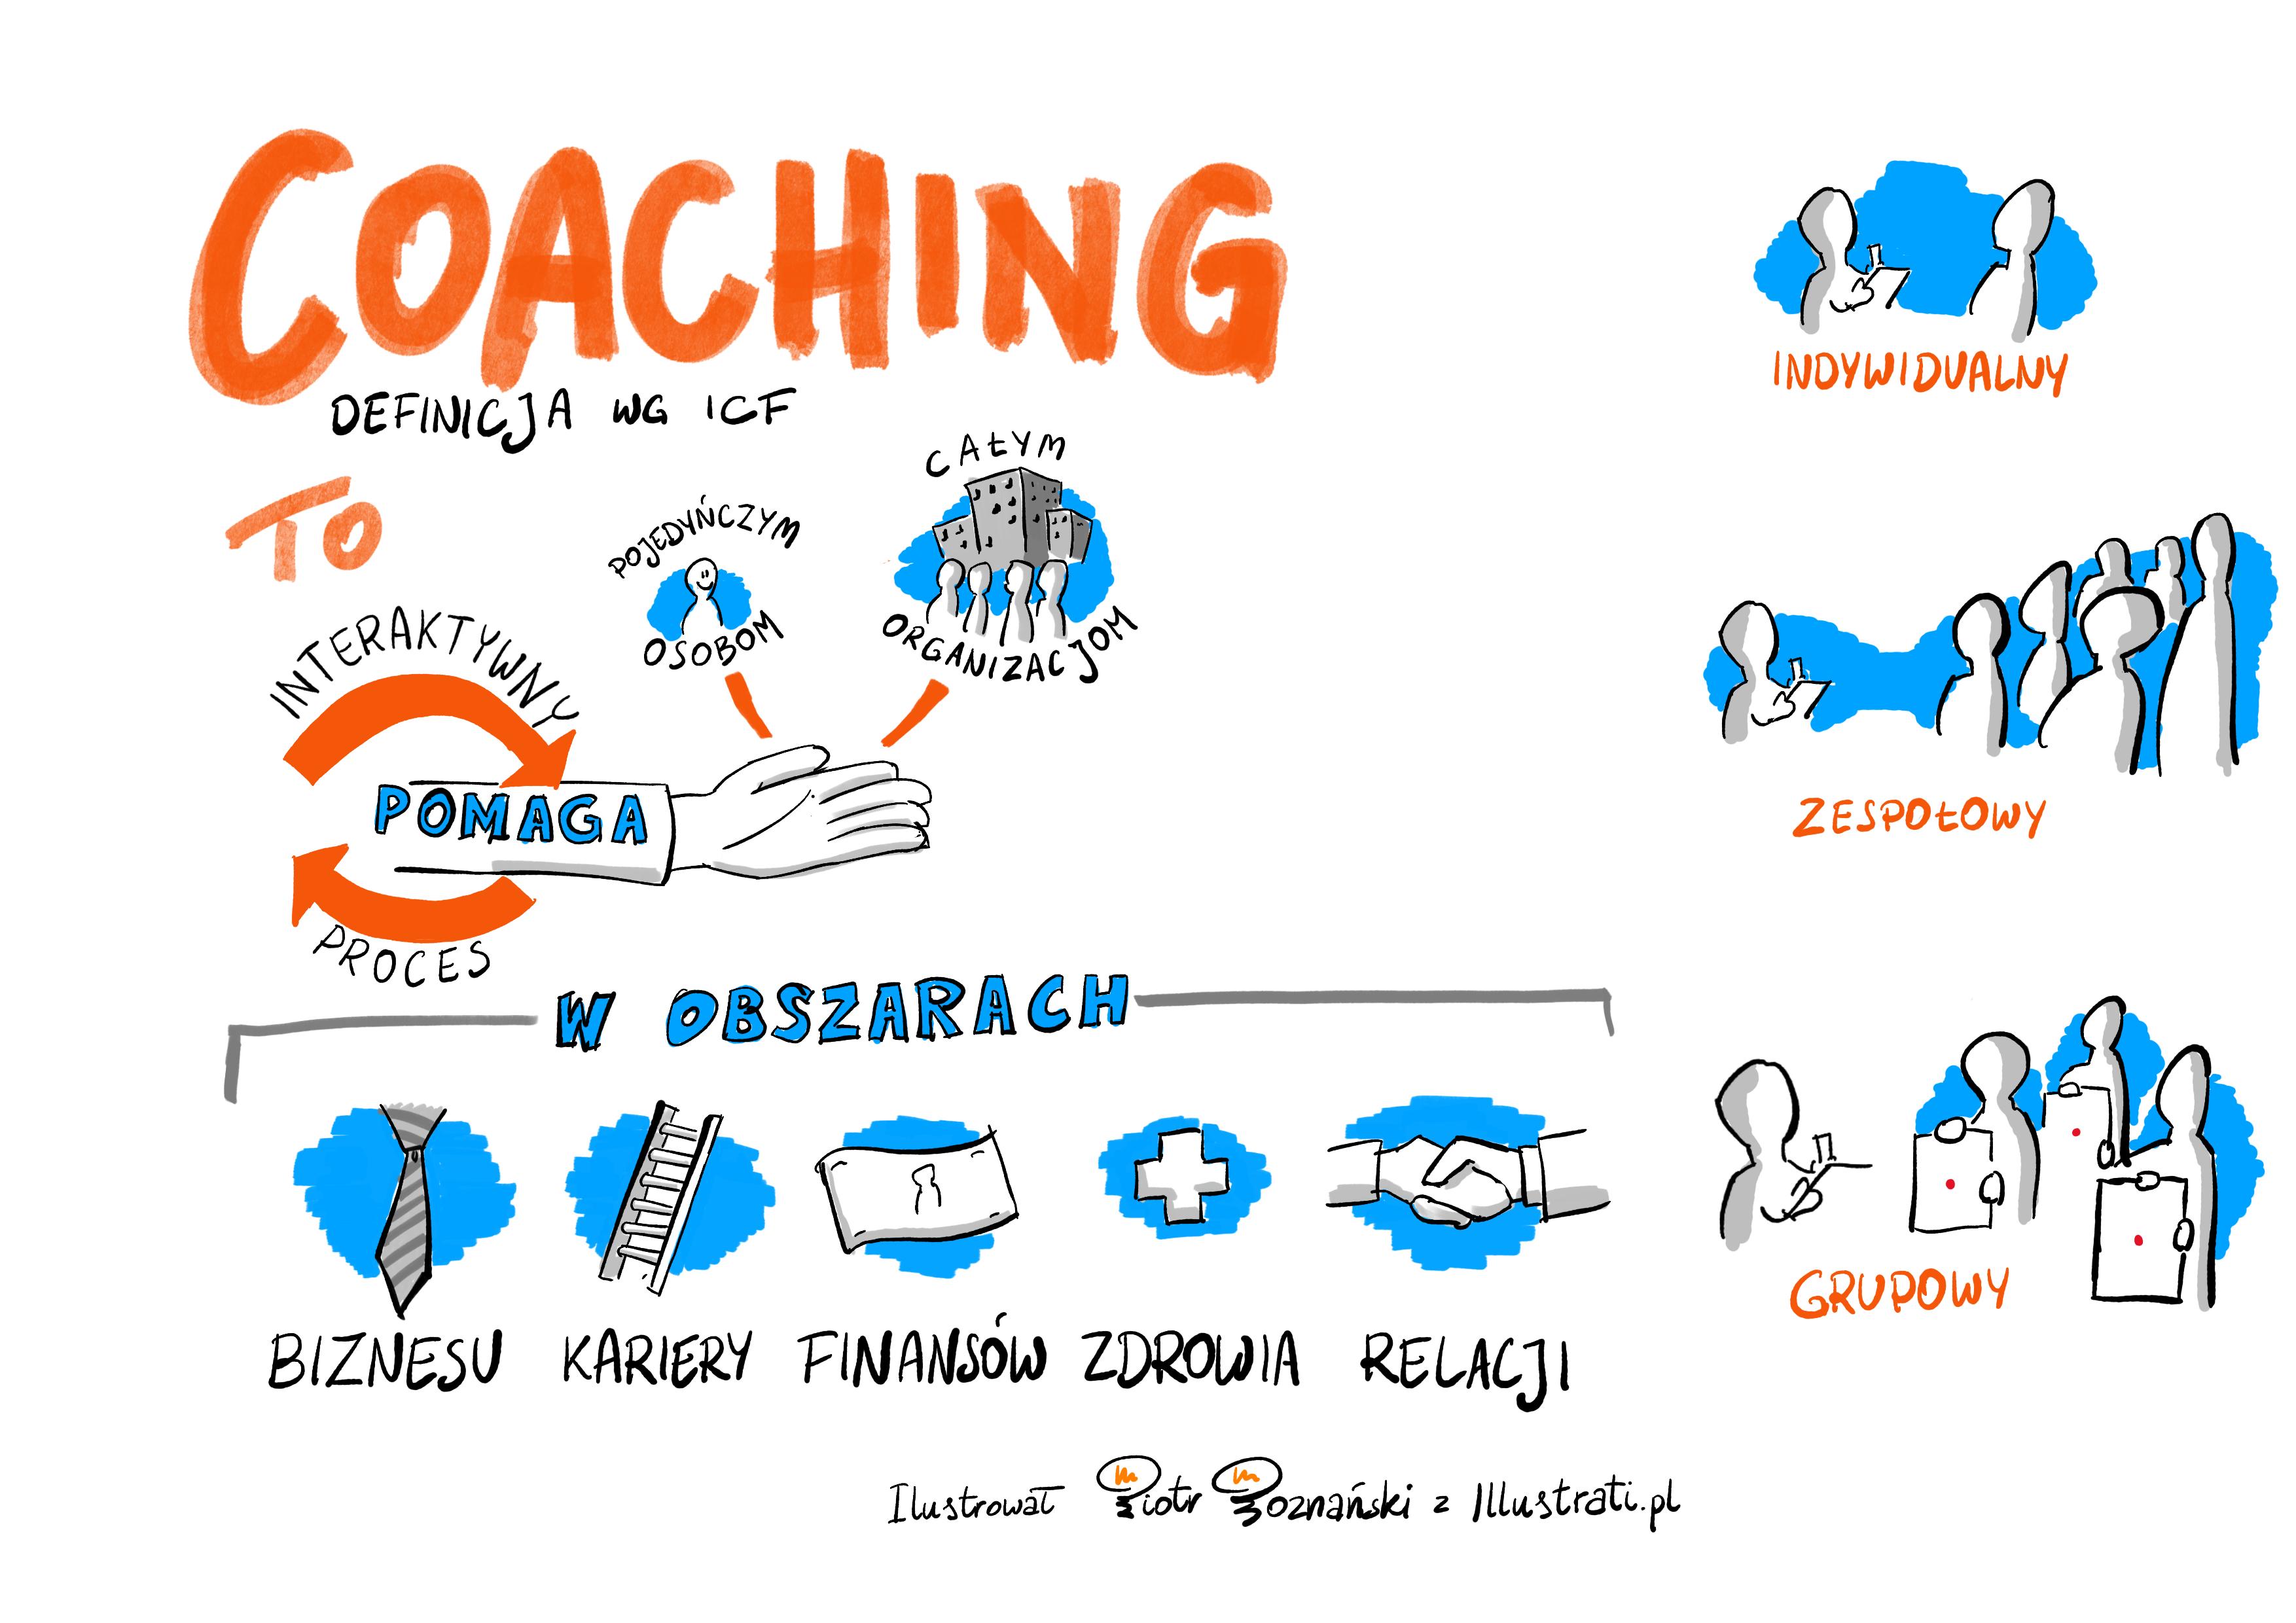 Warsztaty z Narzędzi Coacha Grupowego w Bielsku-Białej. Niedziela 24.09.2017